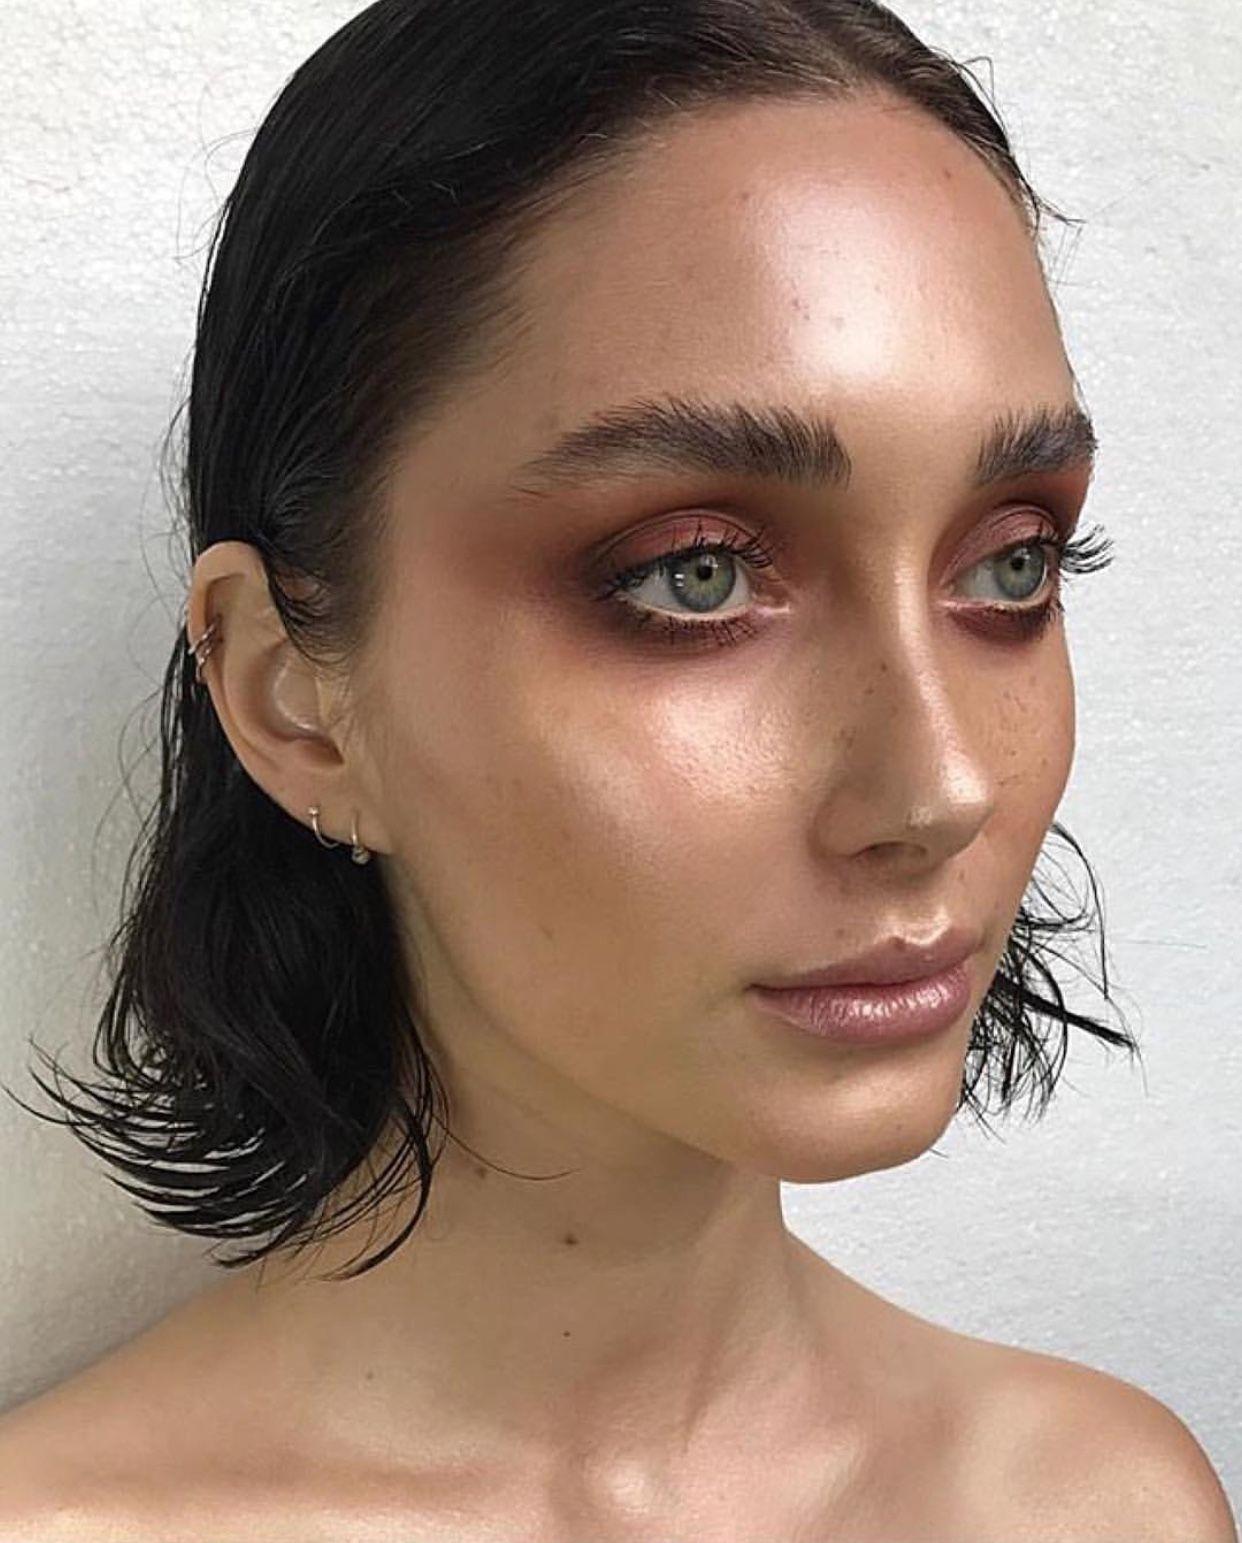 Natural Makeup and Brows Glowy Skin Editorial Makeup Pin